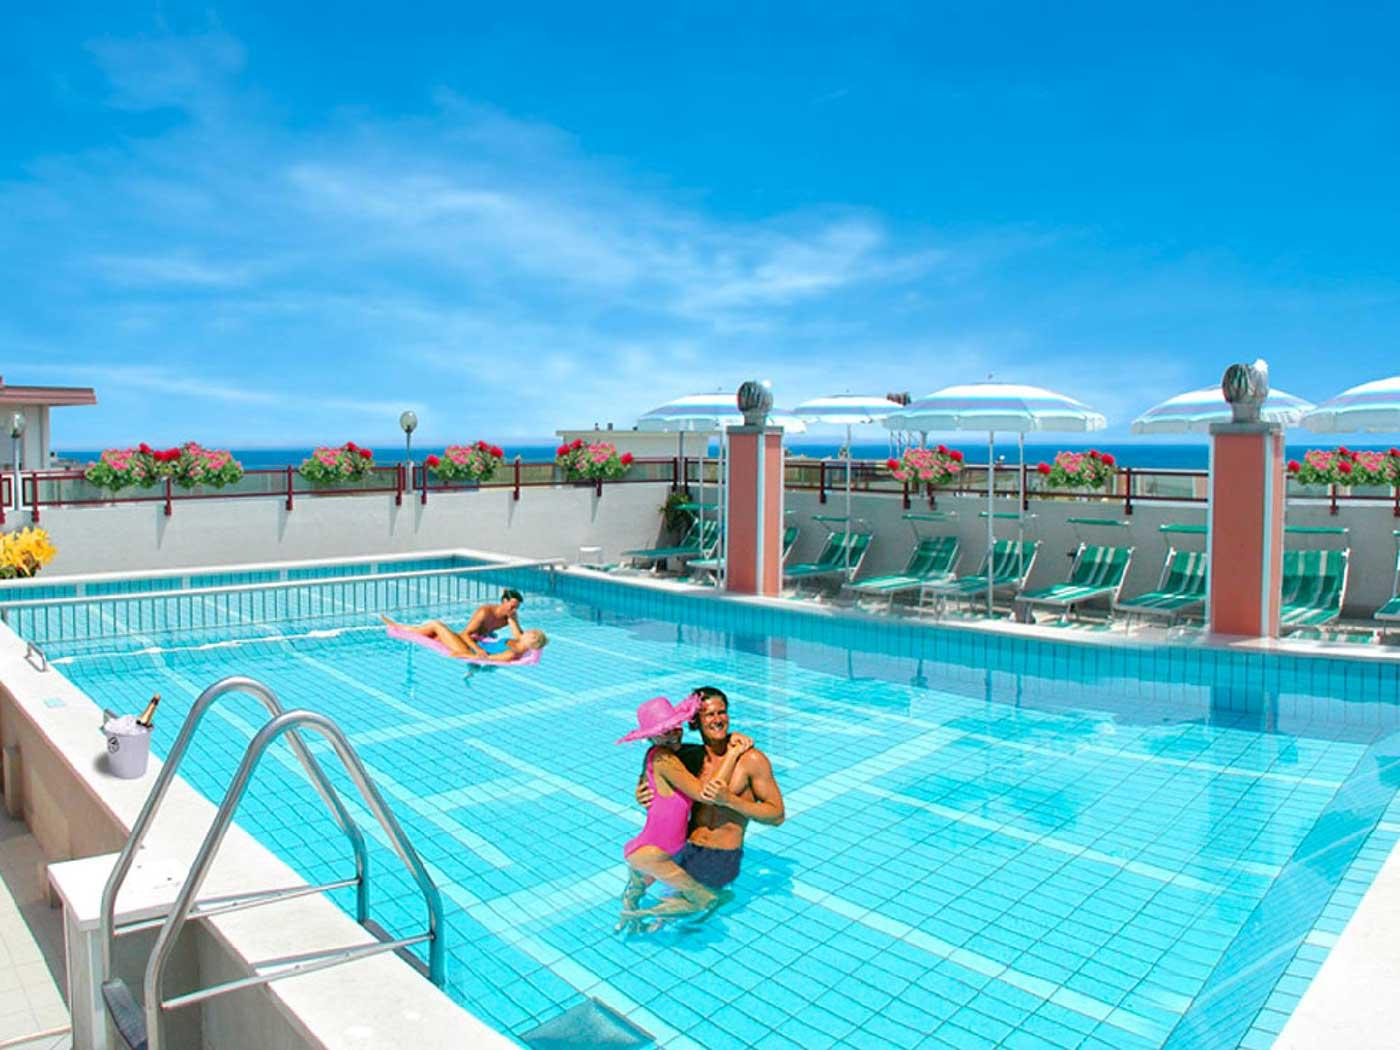 Hotel nelson 3 stelle jesolo lido venezia - Hotel con piscina jesolo ...